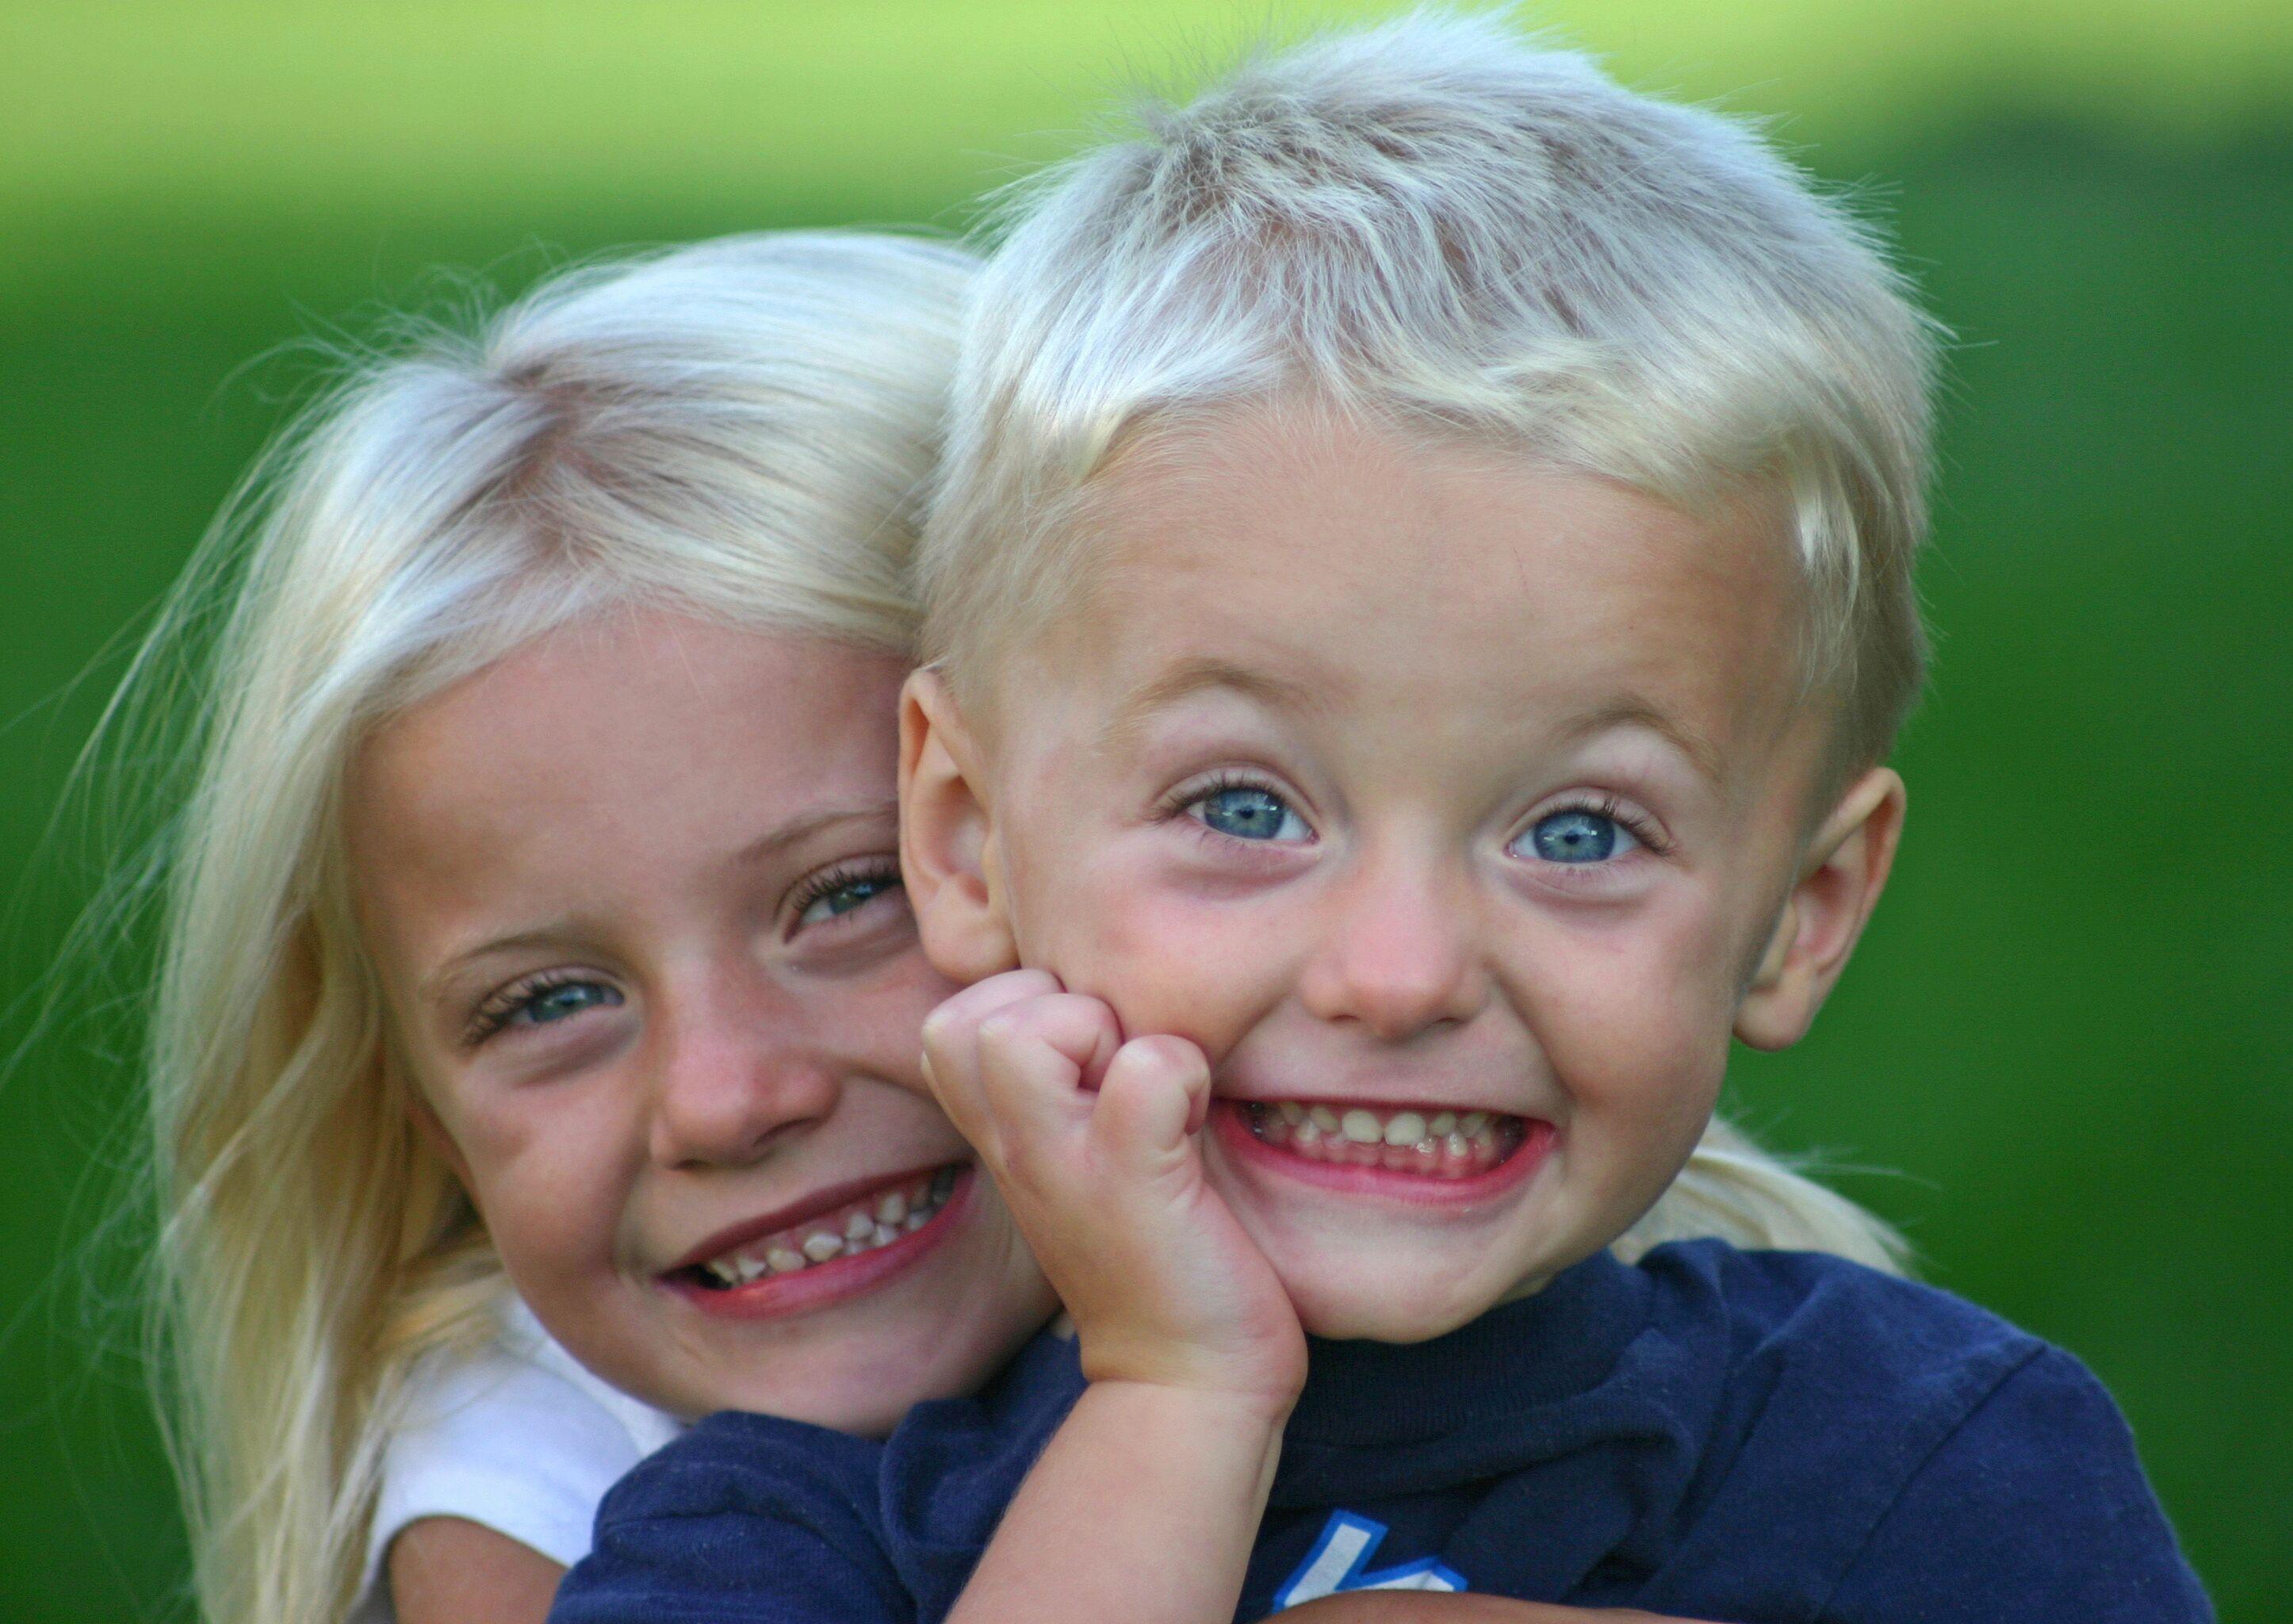 Родная сестра с братом фото 22 фотография